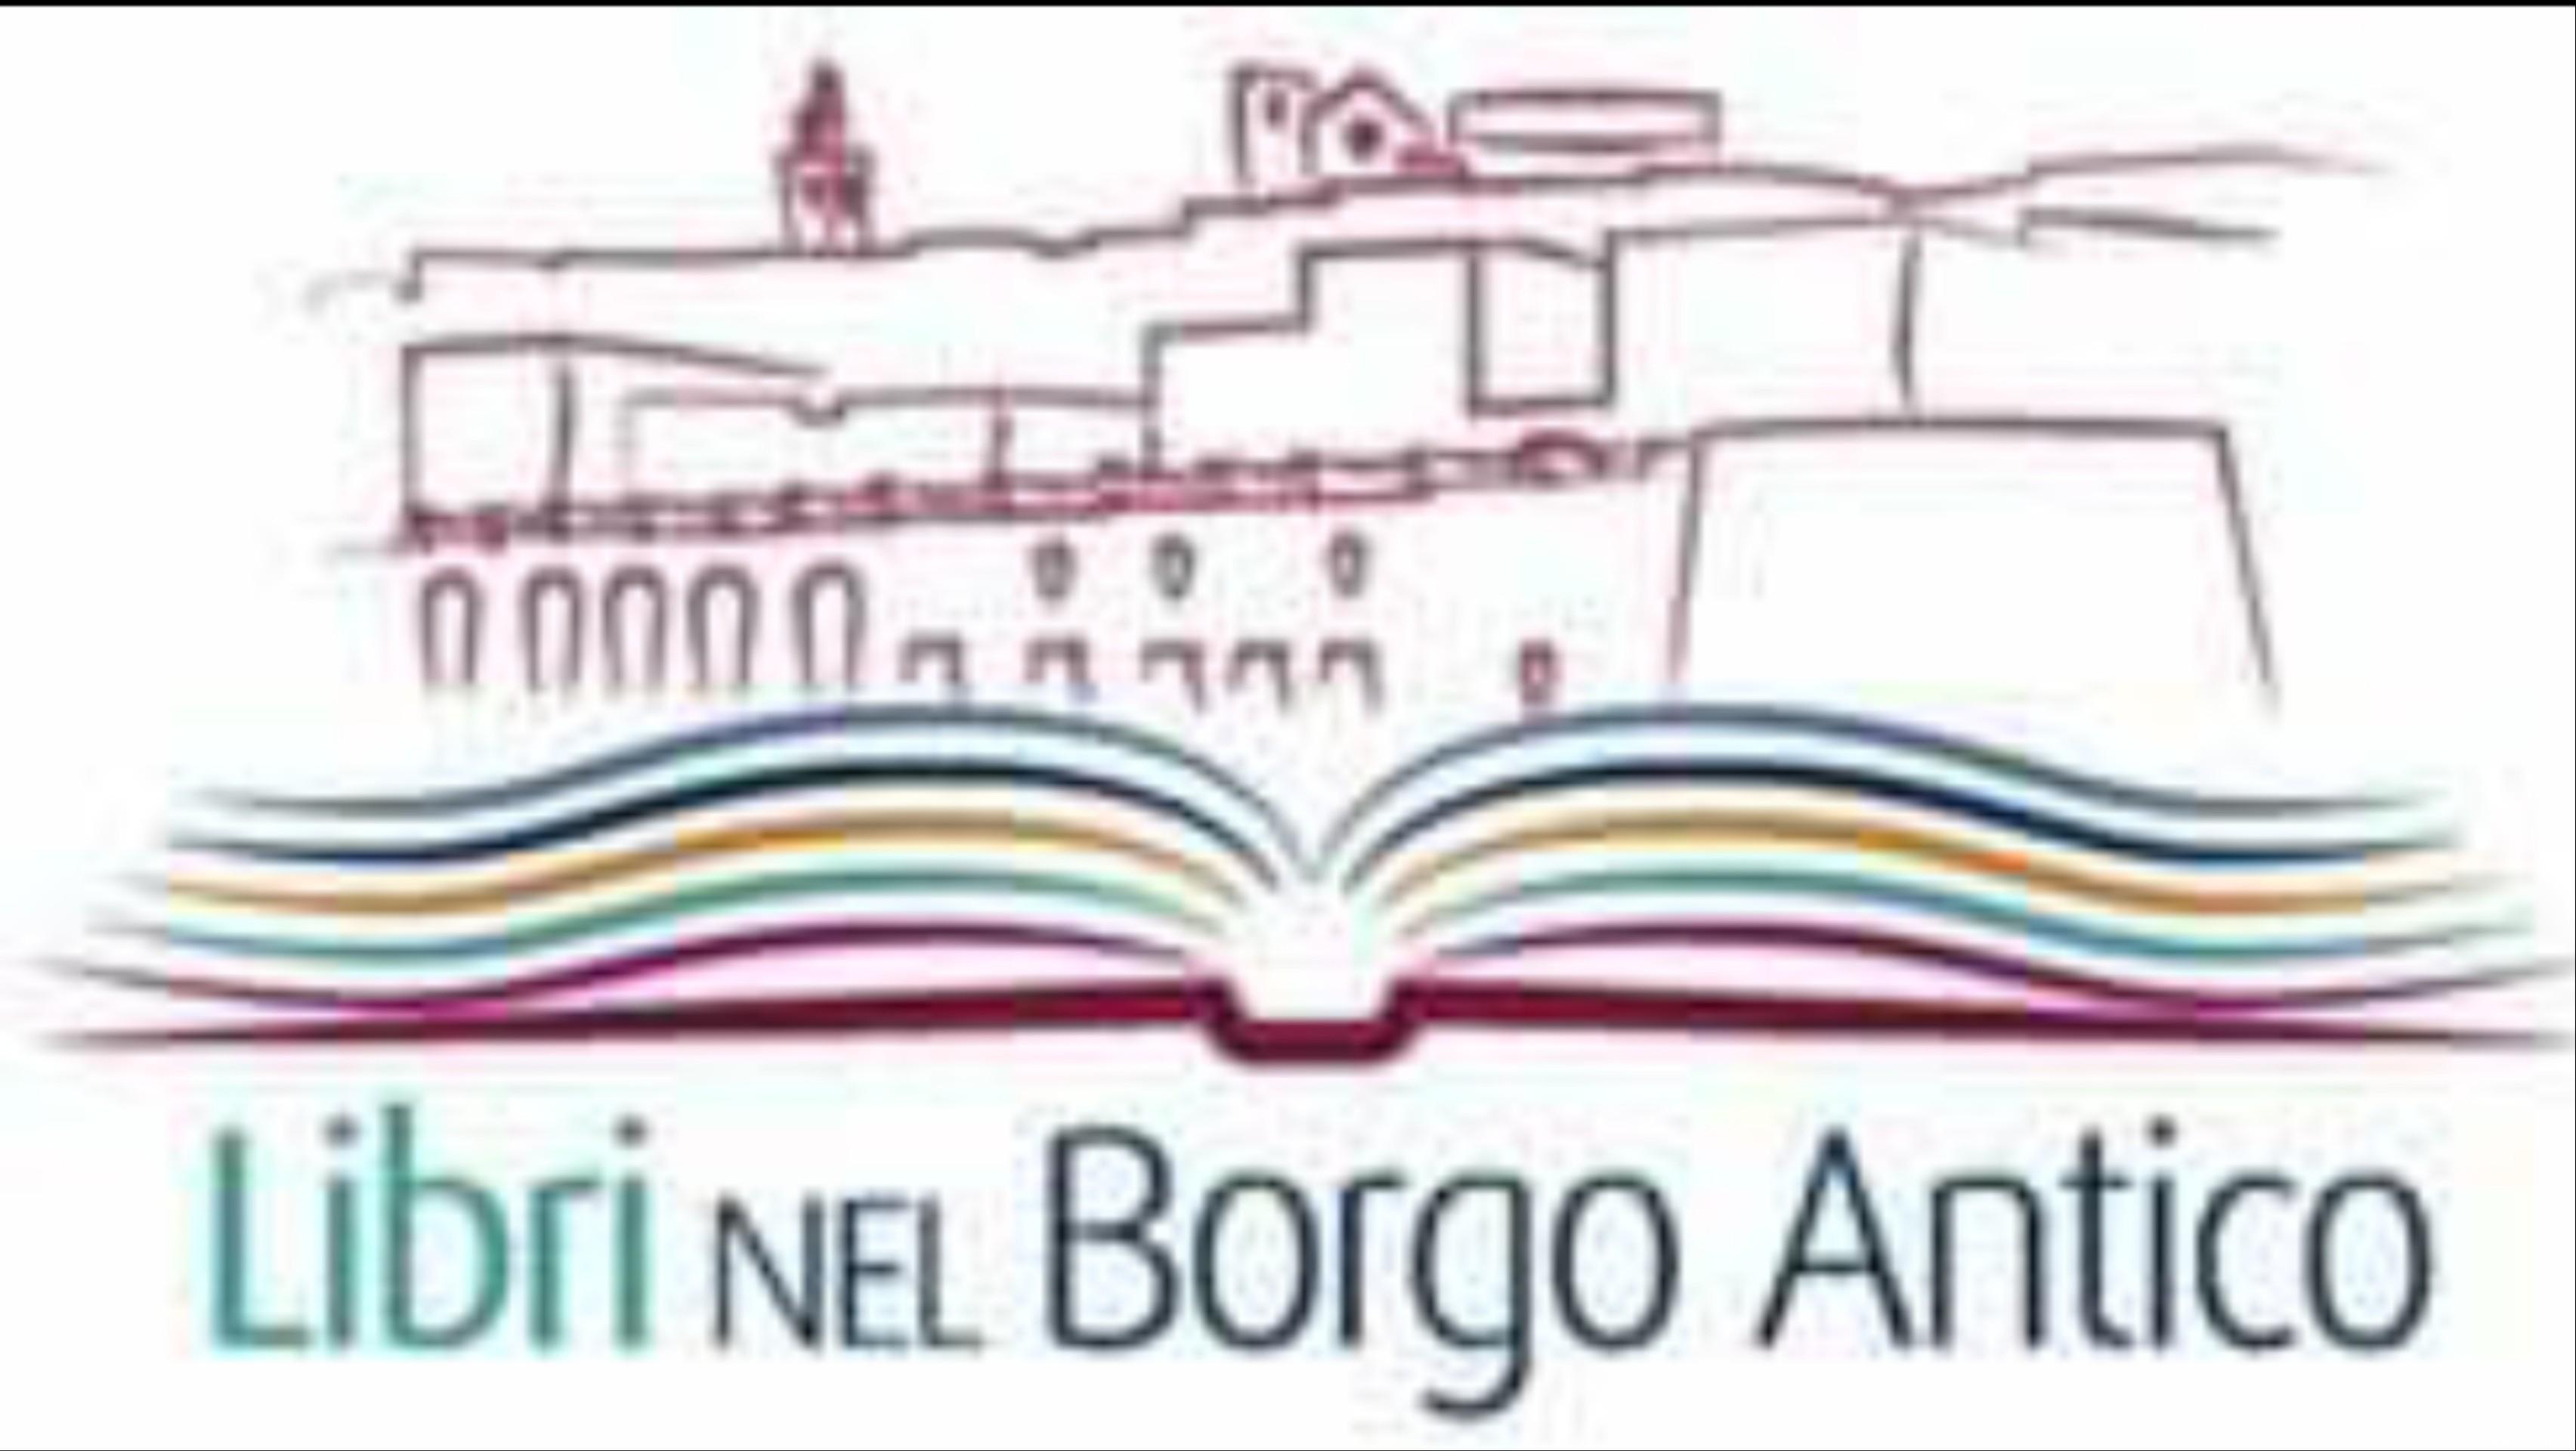 """Decima edizione del Festival """"Libri nel Borgo Antico"""" a Bisceglie dal 23 al 25 agosto 2019"""